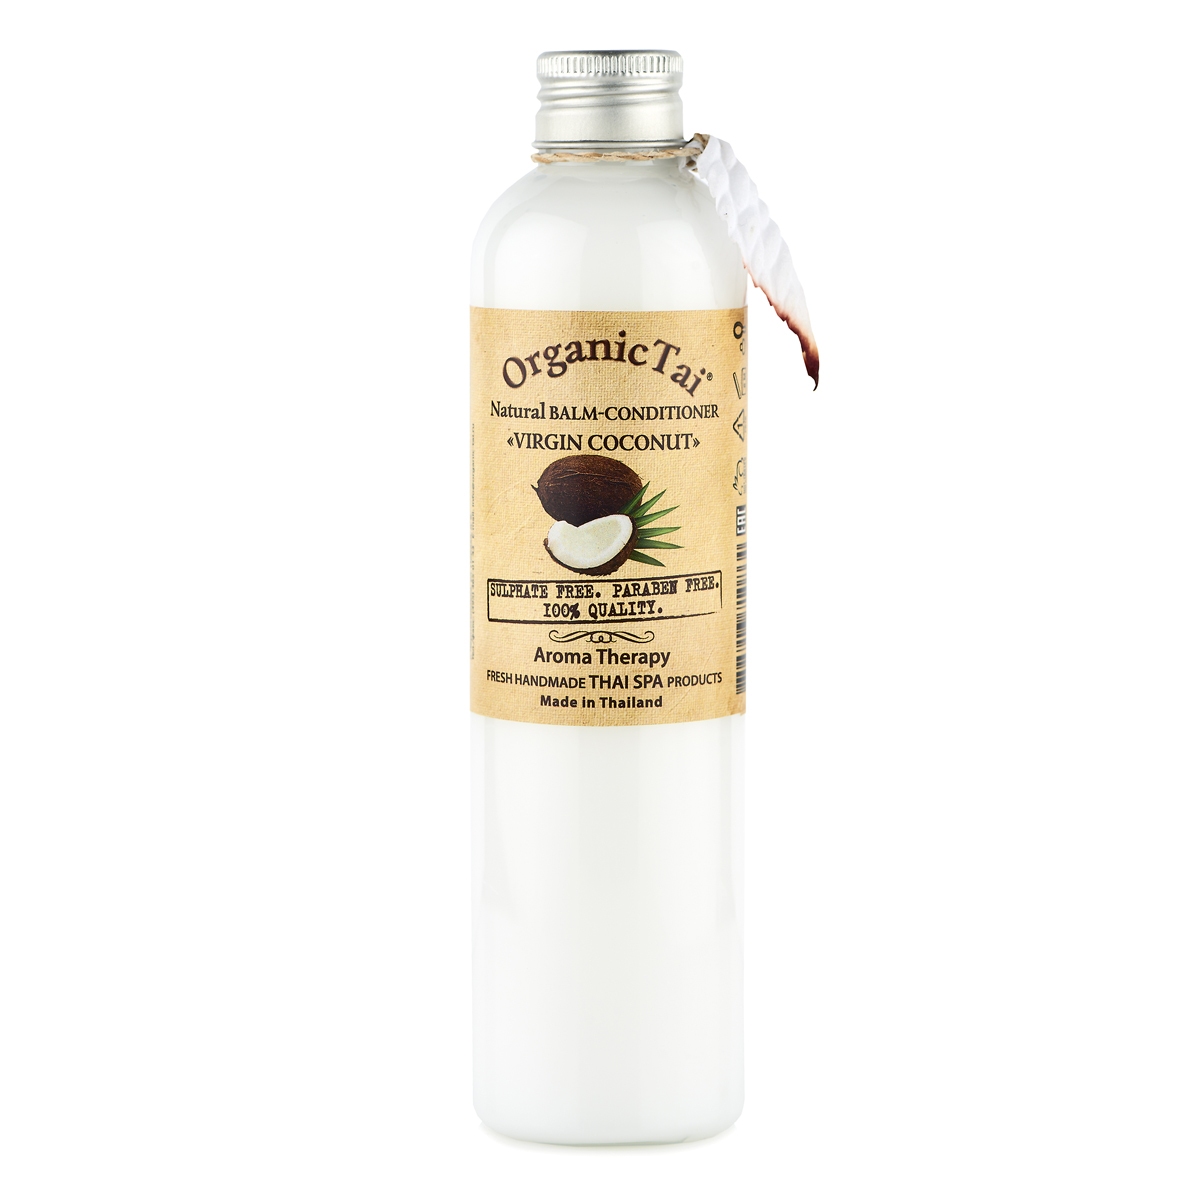 OrganicTai Натуральный бальзам-кондиционер «ВИРДЖИН КОКОС» 260 мл8858816710864Идеален при чувствительной коже. Подходит для ежедневного использования. РУЧНАЯ РАБОТА. ТАЙСКИЙ SPA. АРОМАТЕРАПИЯ. Уникальная формула. Не содержит воду, консерванты парабены и синтетические пенящиеся вещества сульфаты (без SLS, SLES и др.). КОКОСОВОЕ МАСЛО ХОЛОДНОГО ОТЖИМА и высокая концентрация органических масел и экстрактов МОРСКИХ ВОДОРОСЛЕЙ, ЗЕЛЕНОГО ЧАЯ, ОГУРЦА, ГРЕЙПФРУТА, ЛАВАНДЫ, ЖОЖОБА, АЛОЭ ВЕРА, ГРЕЙПФРУТА, а также ПАНТЕНОЛ, ПРОТЕИНЫ ПШЕНИЦЫ и РАСТИТЕЛЬНЫЙ ВОСК активизируют рост волос, увлажняют и питают, не утяжеляя их, успокаивают кожу головы, придают волосам естественный натуральный блеск и шелковистость, облегчают расчесывание. Бальзам-кондиционер имеет легкий приятный тропический аромат свежеразломленного кокоса. Этот эликсир красоты поразит Вас своей эффективностью и очарует притягательным ароматом. AromaTherapy FRESH HANDMADE THAI SPA PRODUCTS. SULPHATE FREE. PARABEN FREE. 100% QUALITY.